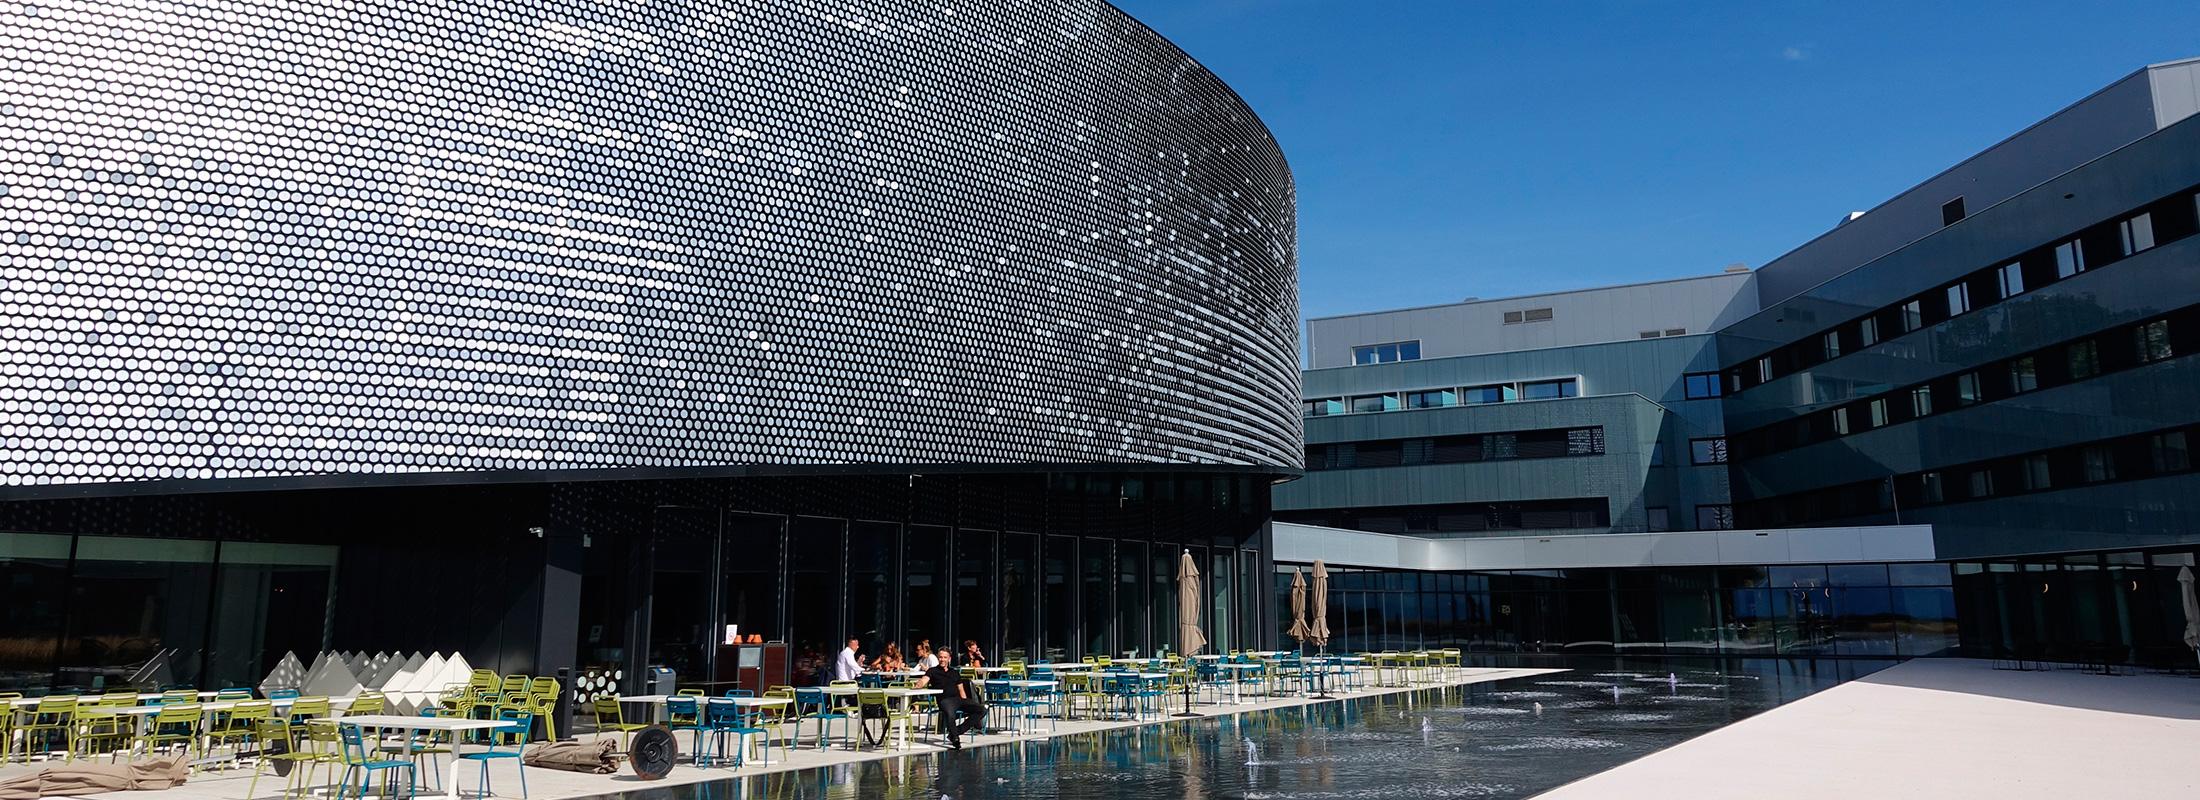 ヨーロッパ最大の淡水魚水族館 「アクアティス(Aquatis)」を訪ねて